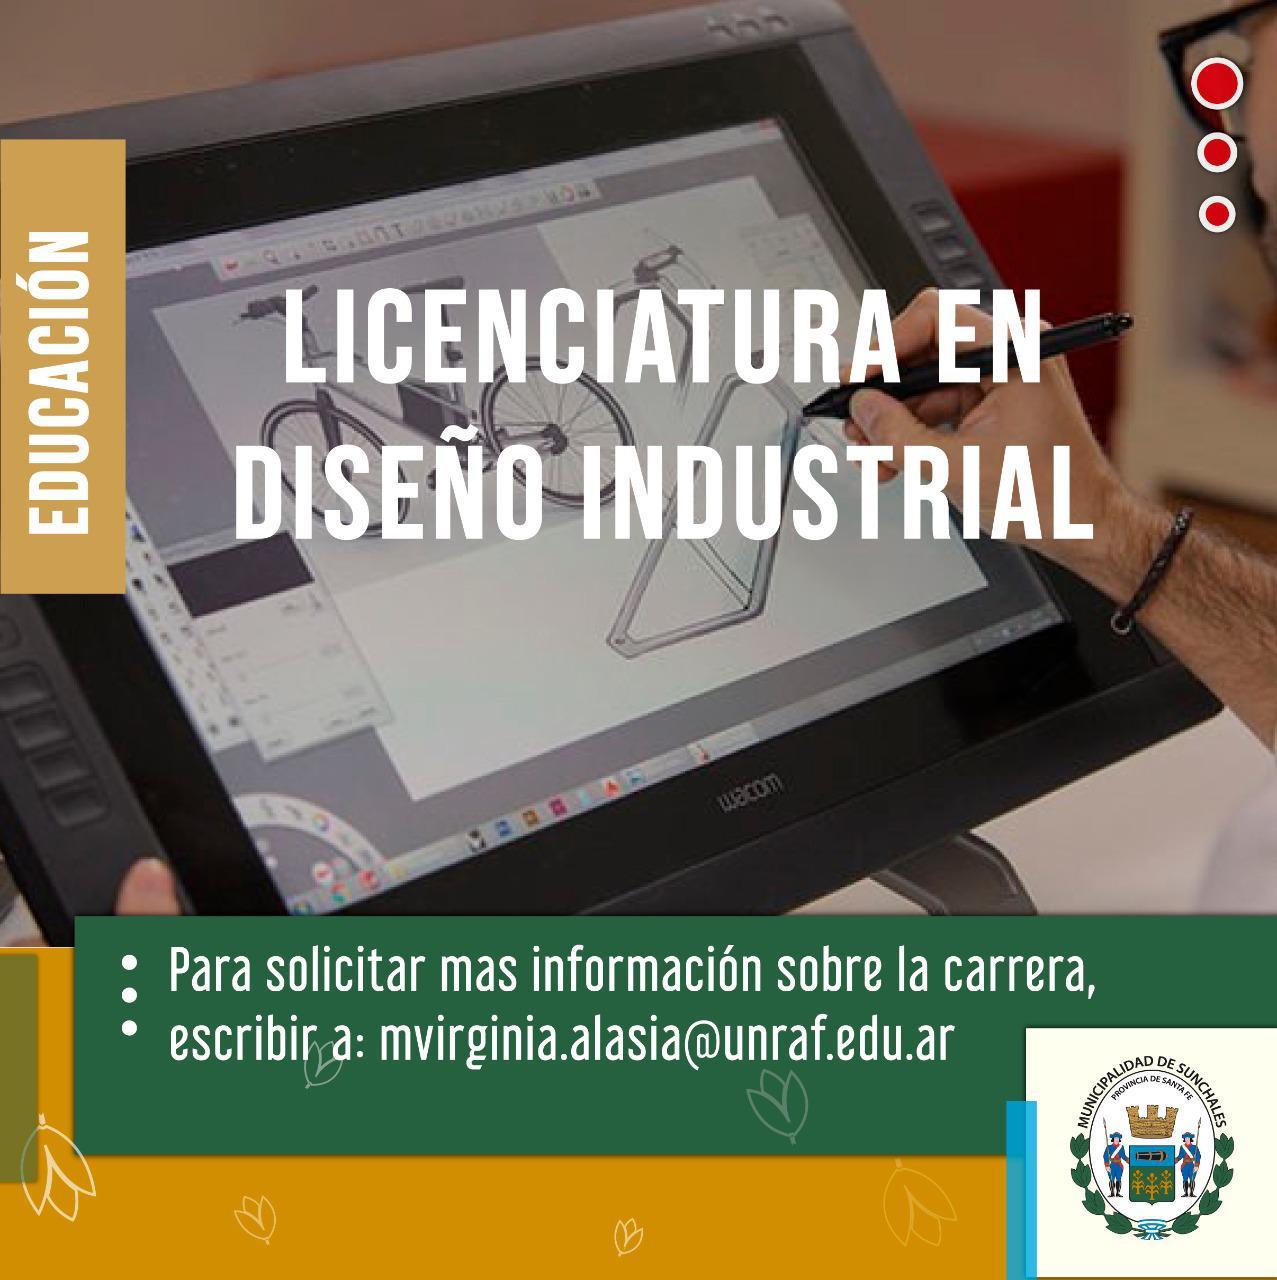 licenciatura diseño industrial